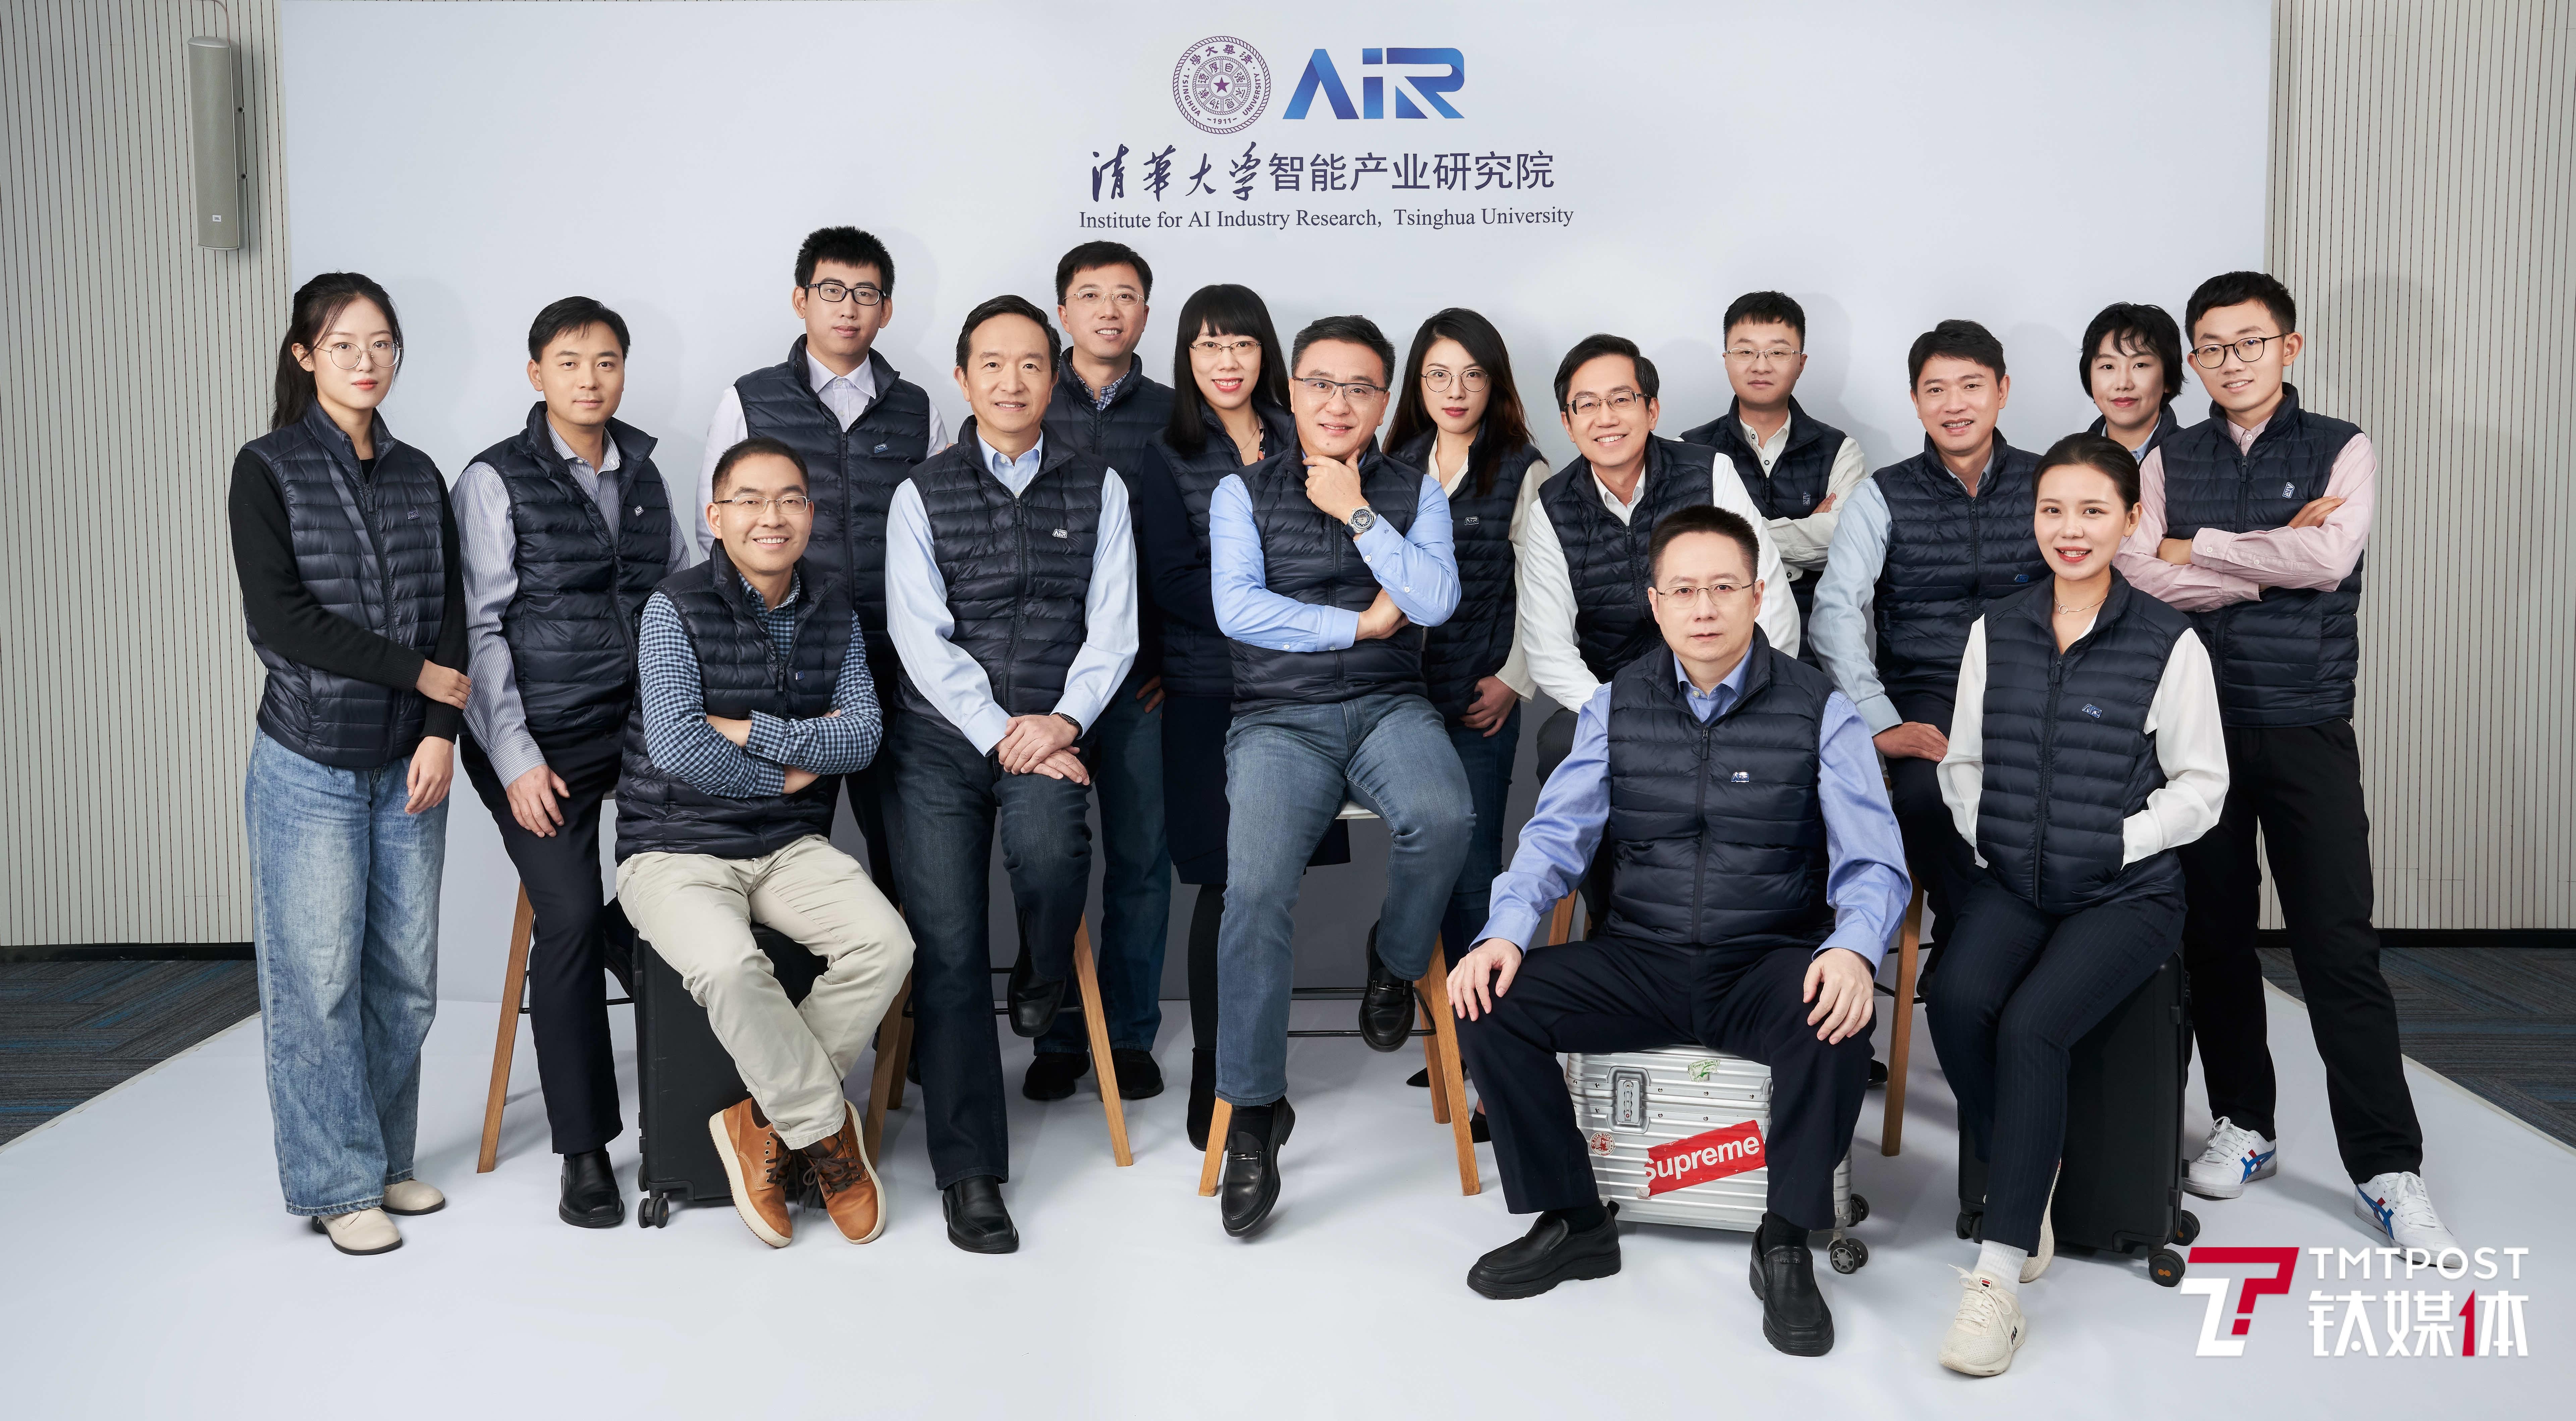 清华大学智能产业研究院(AIR)初期团队合影(来源:受访者提供)